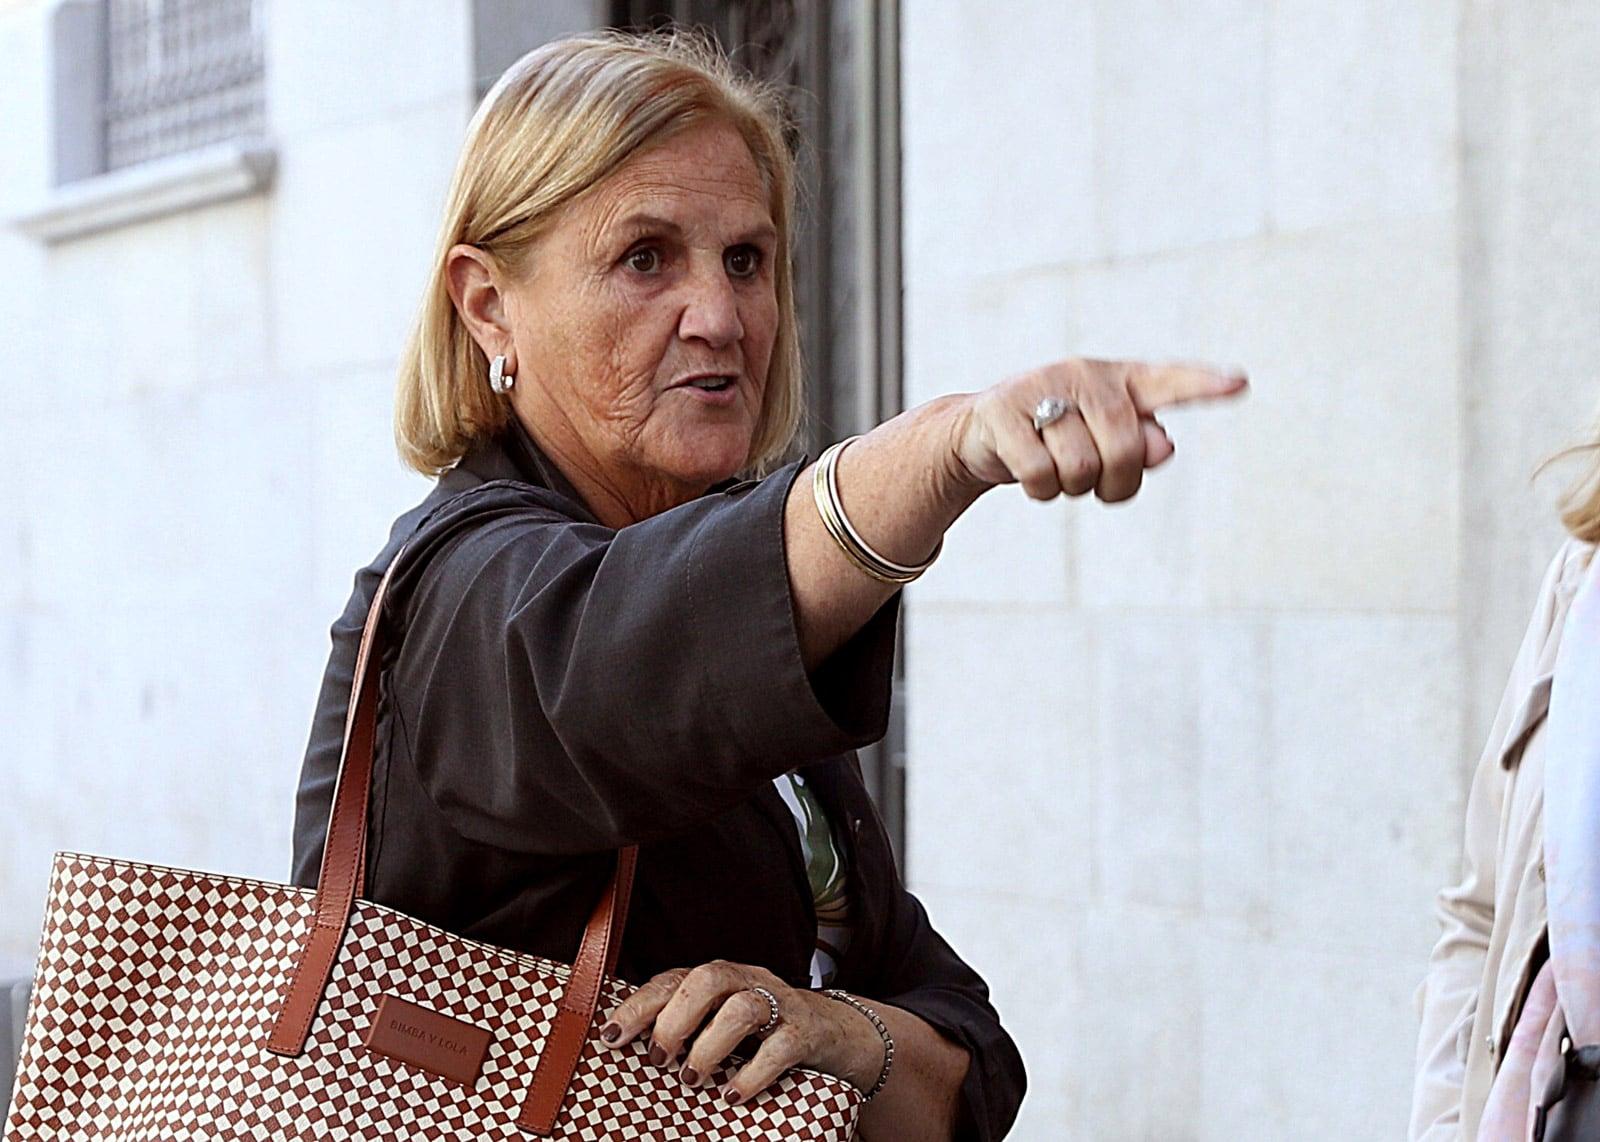 L'expresidenta del Parlament Núria de Gispert en una imatge del 2018. © J.J. Guillén/Efe